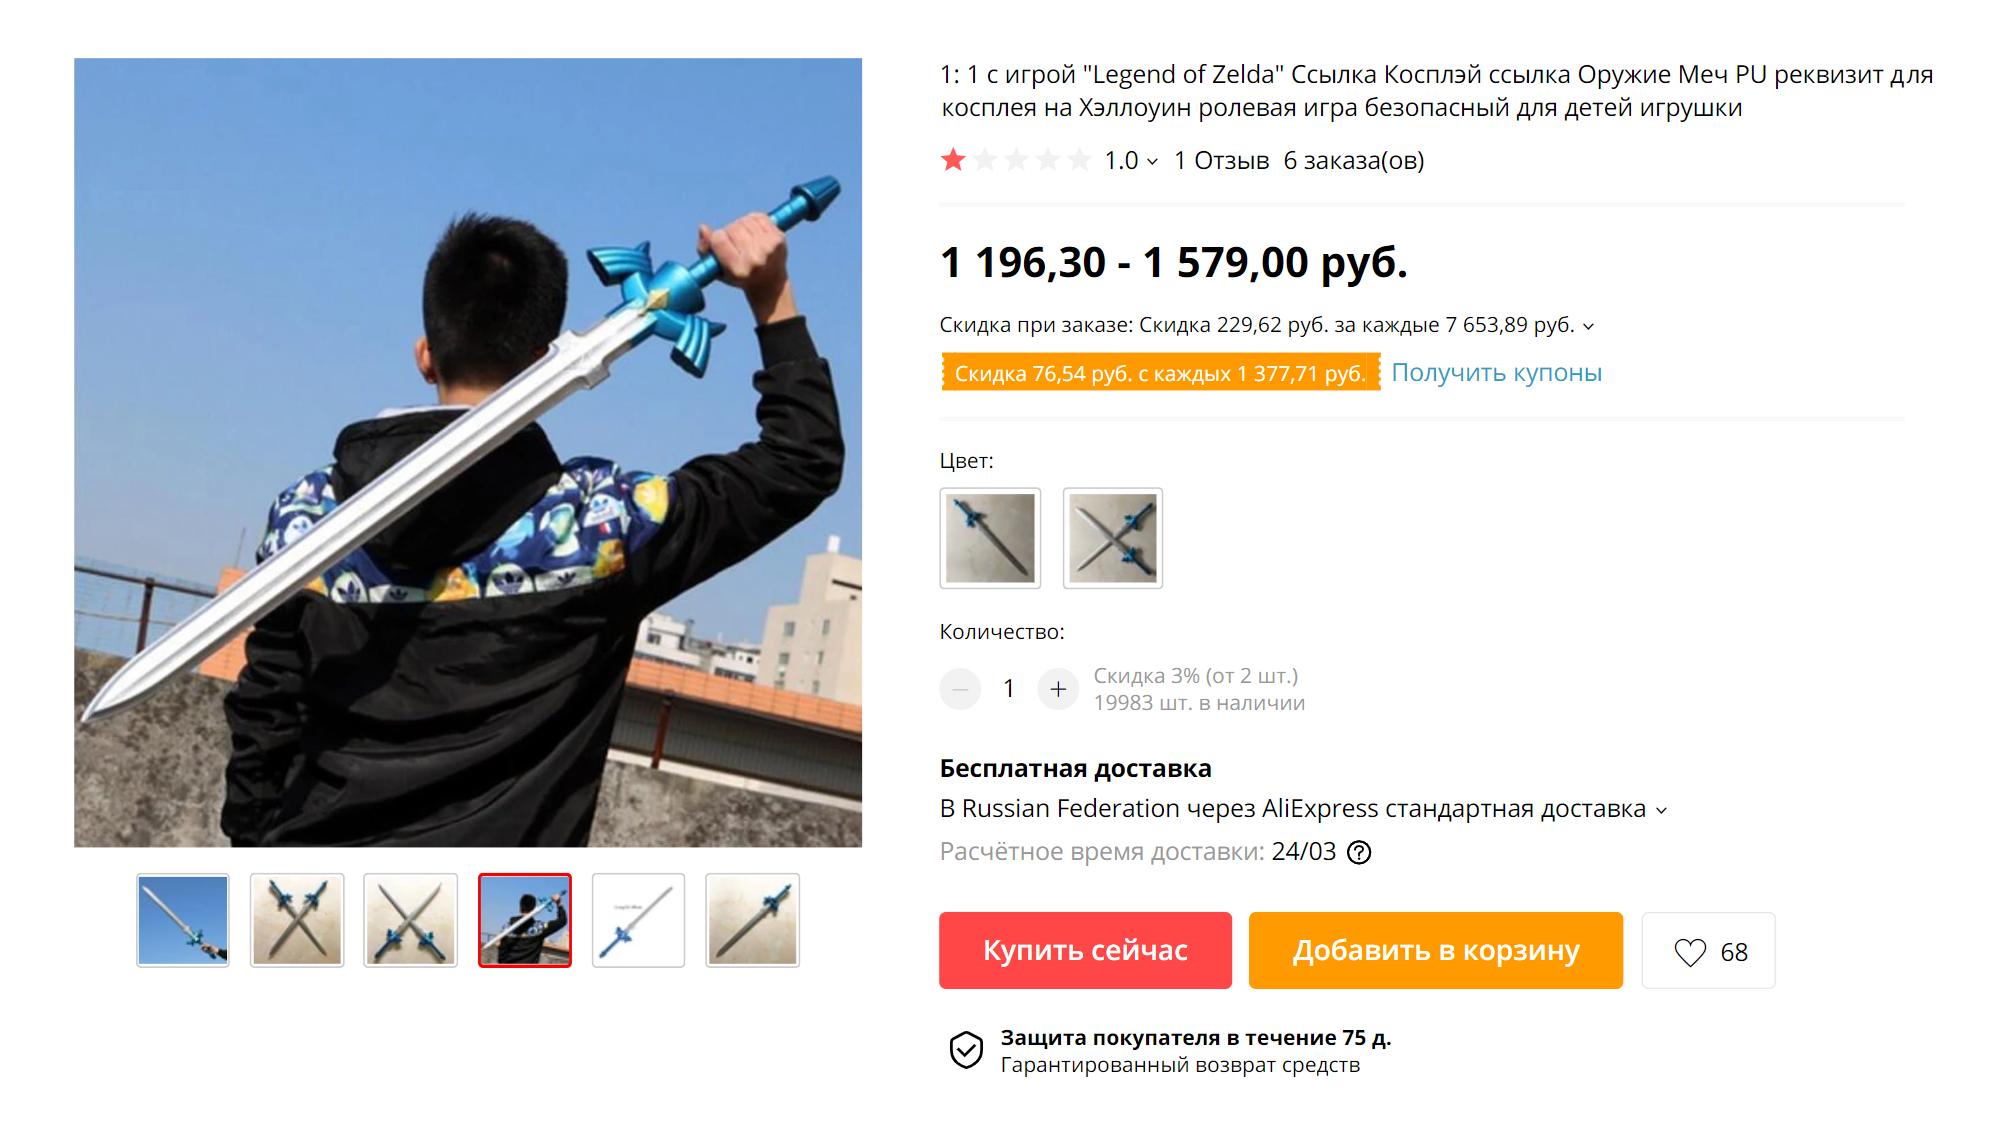 Тамже заказали игровые мечи. Источник: «Алиэкспресс»